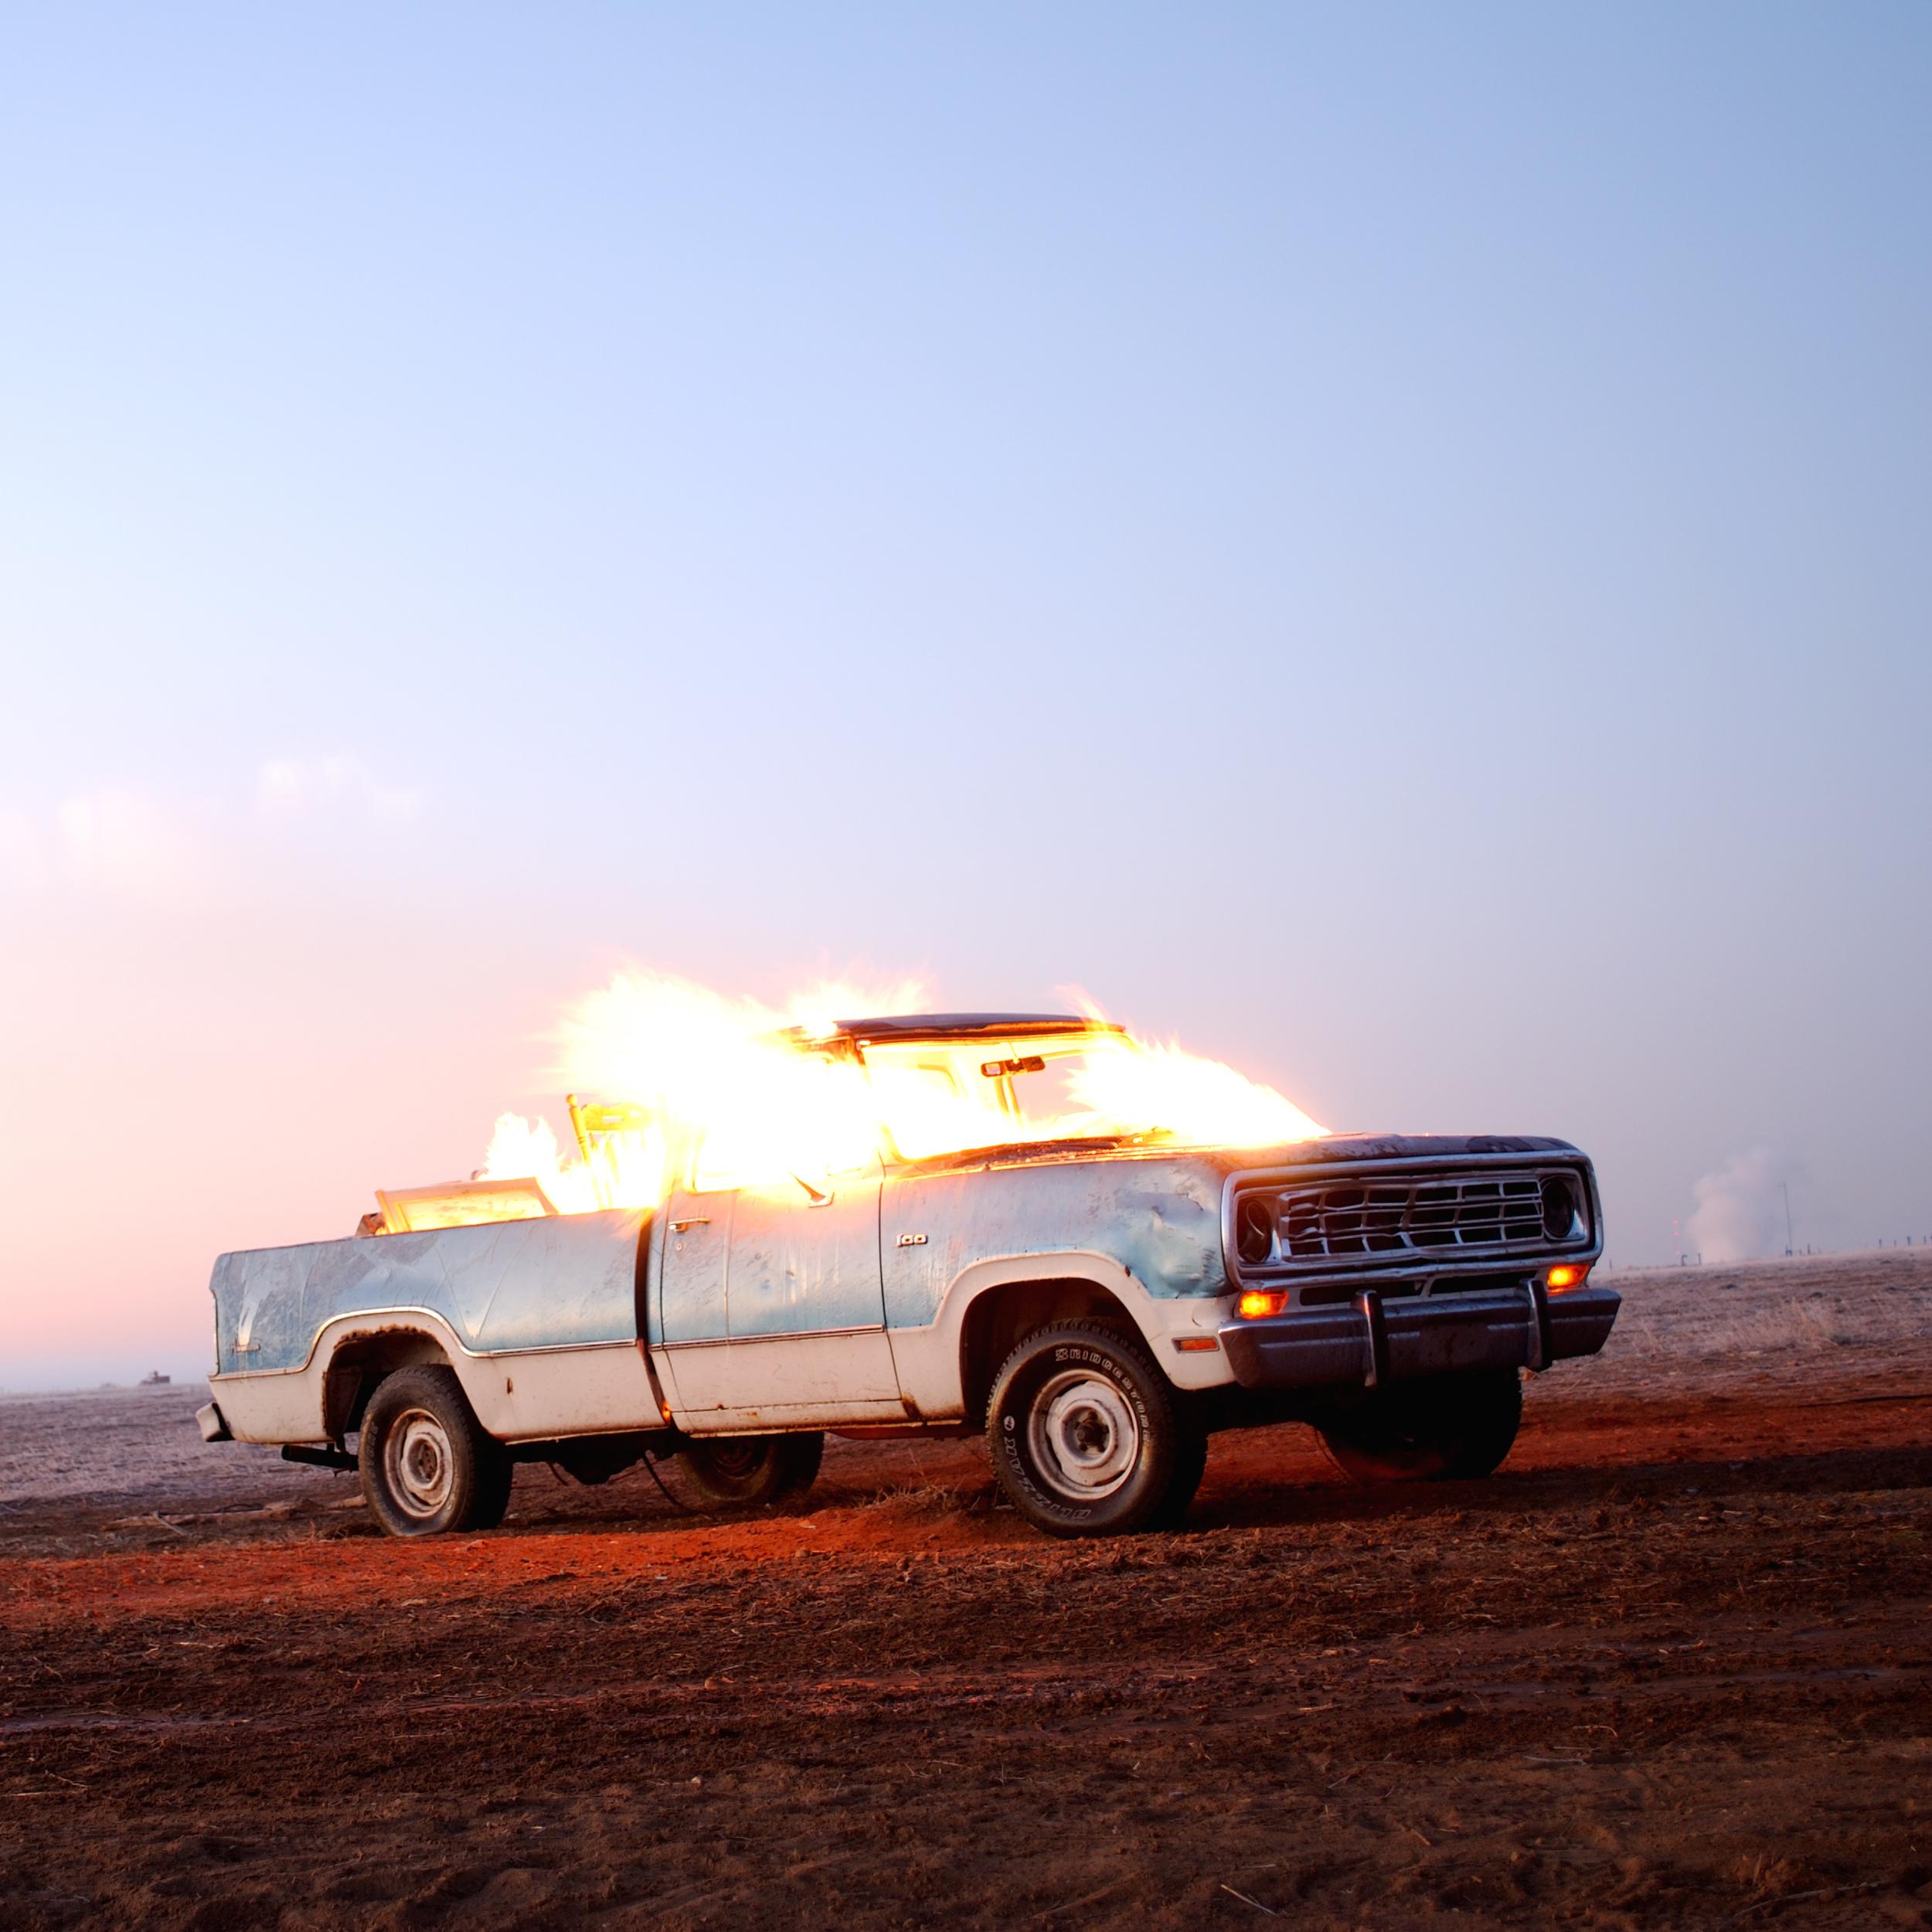 Burning Car 1.jpg